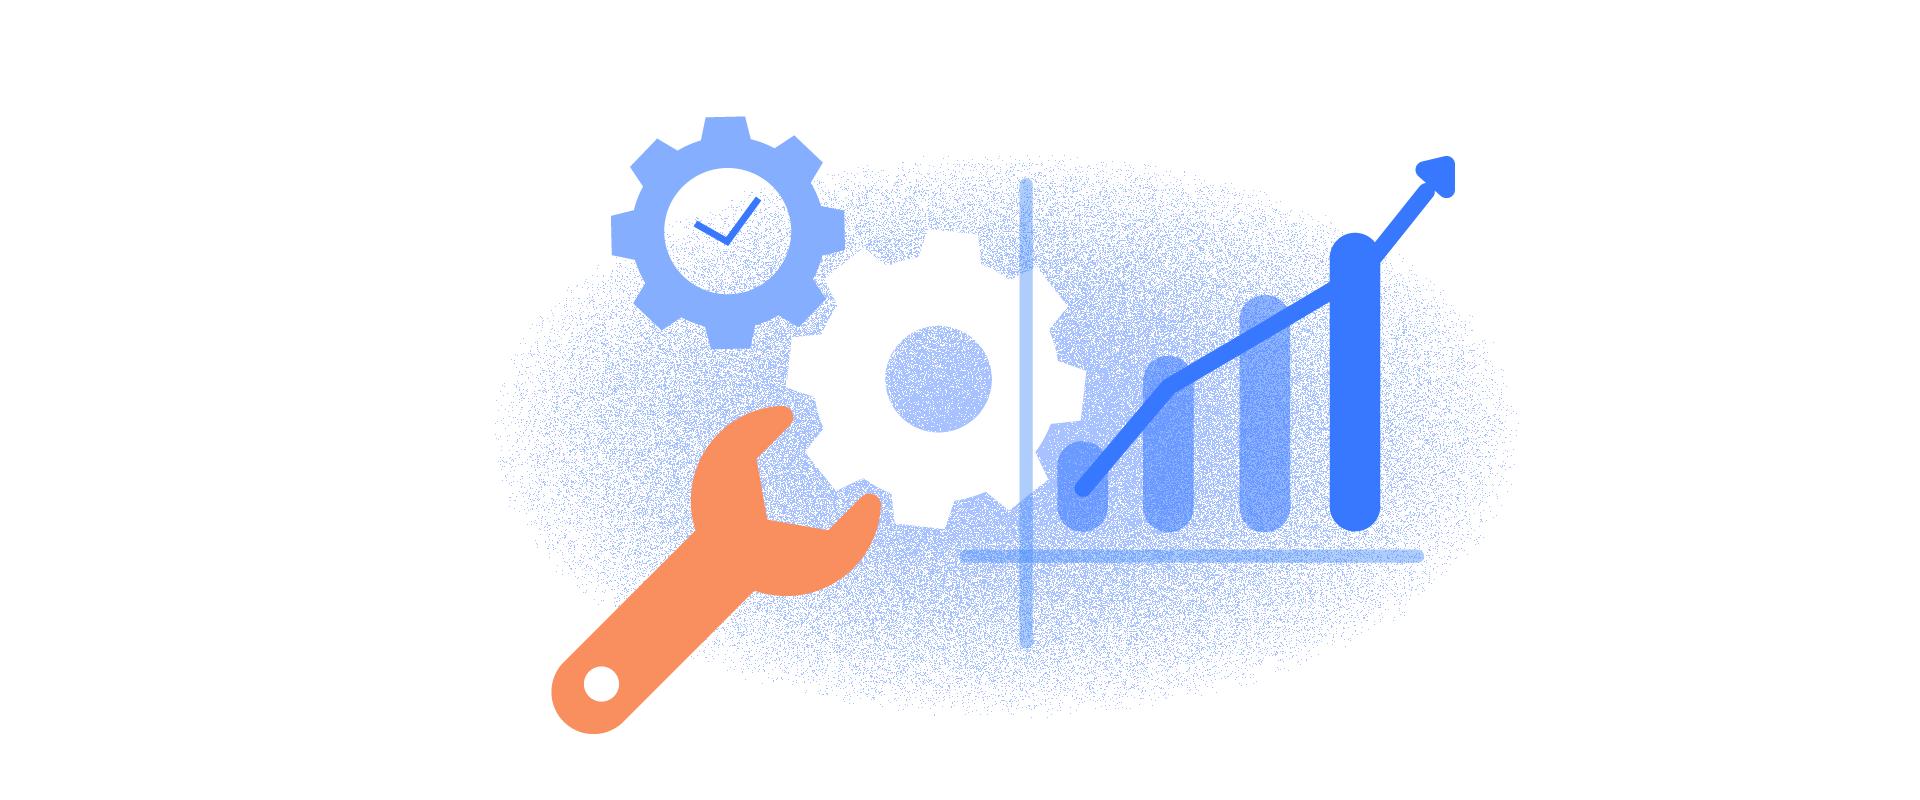 Productivity tool